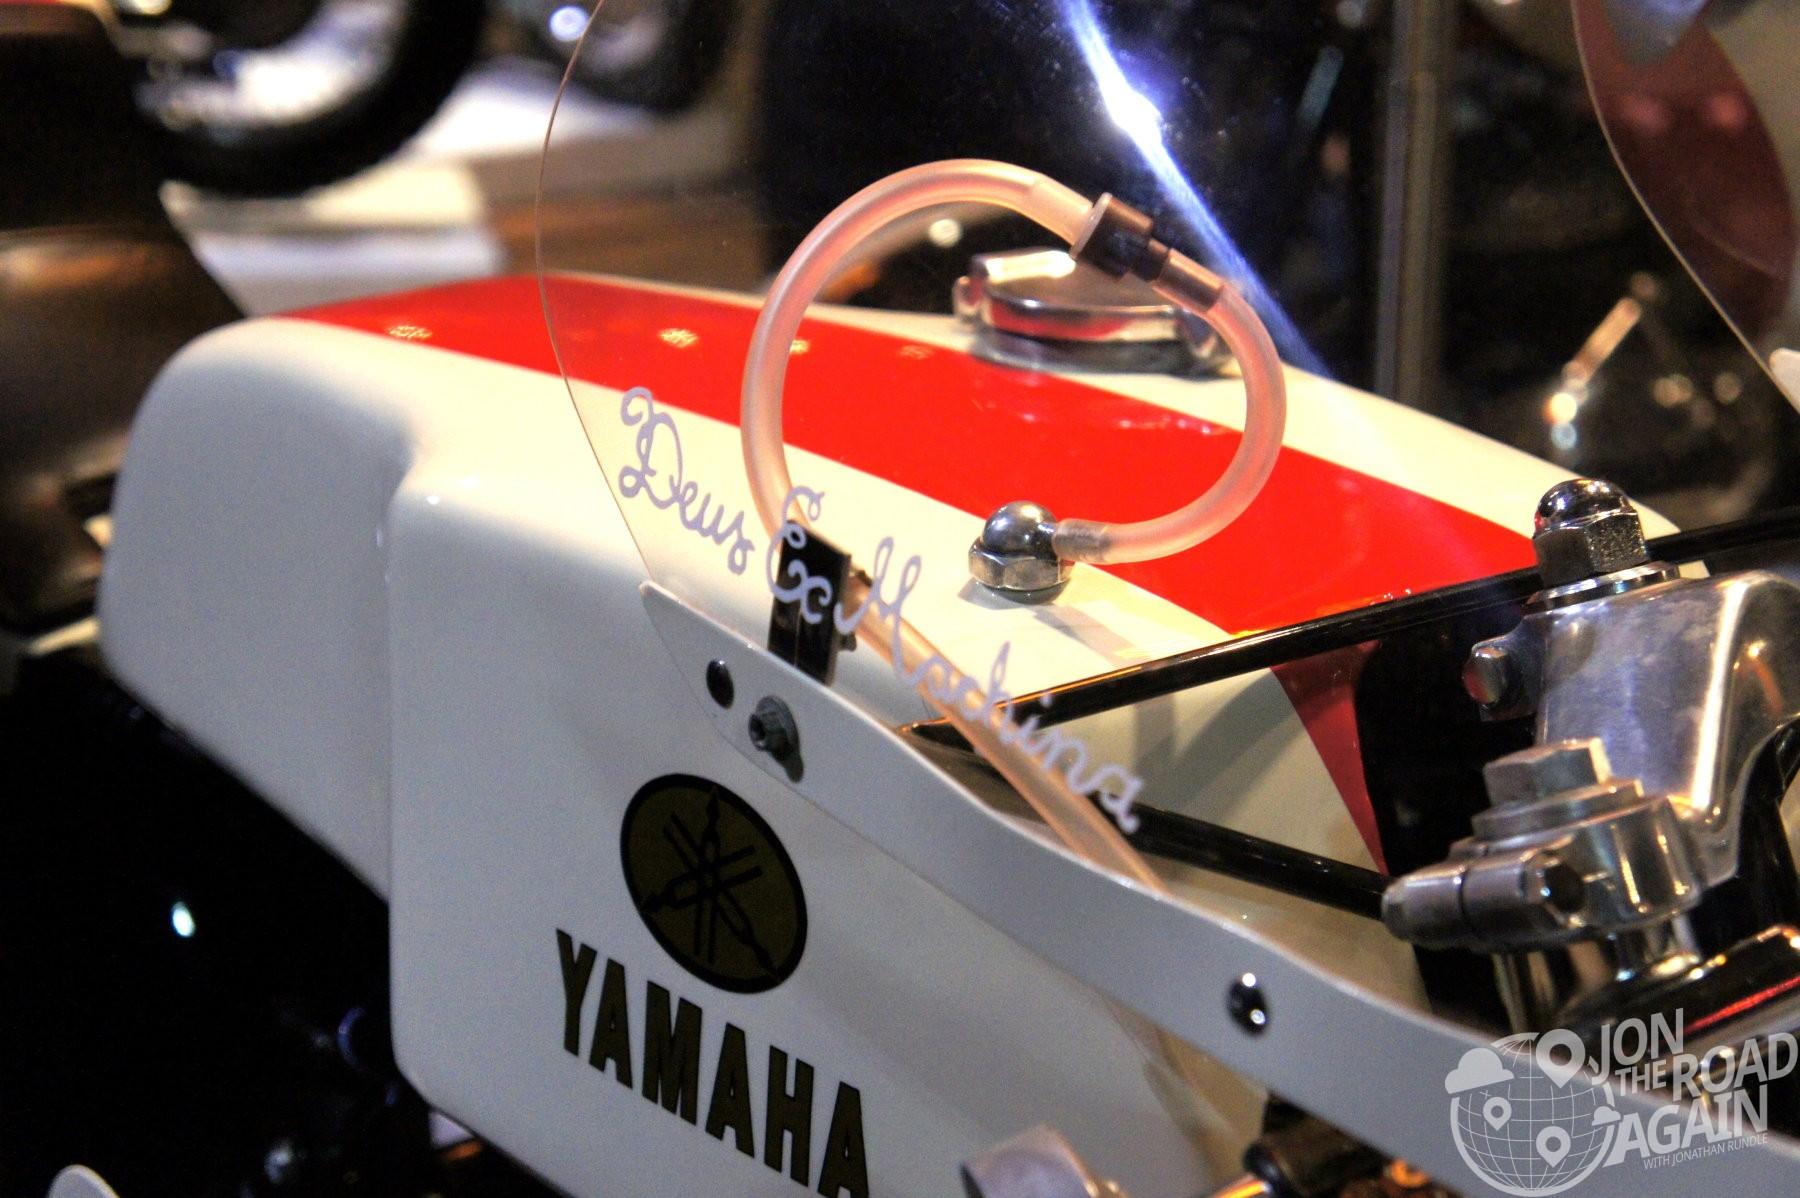 Yamaha racer built by Deus